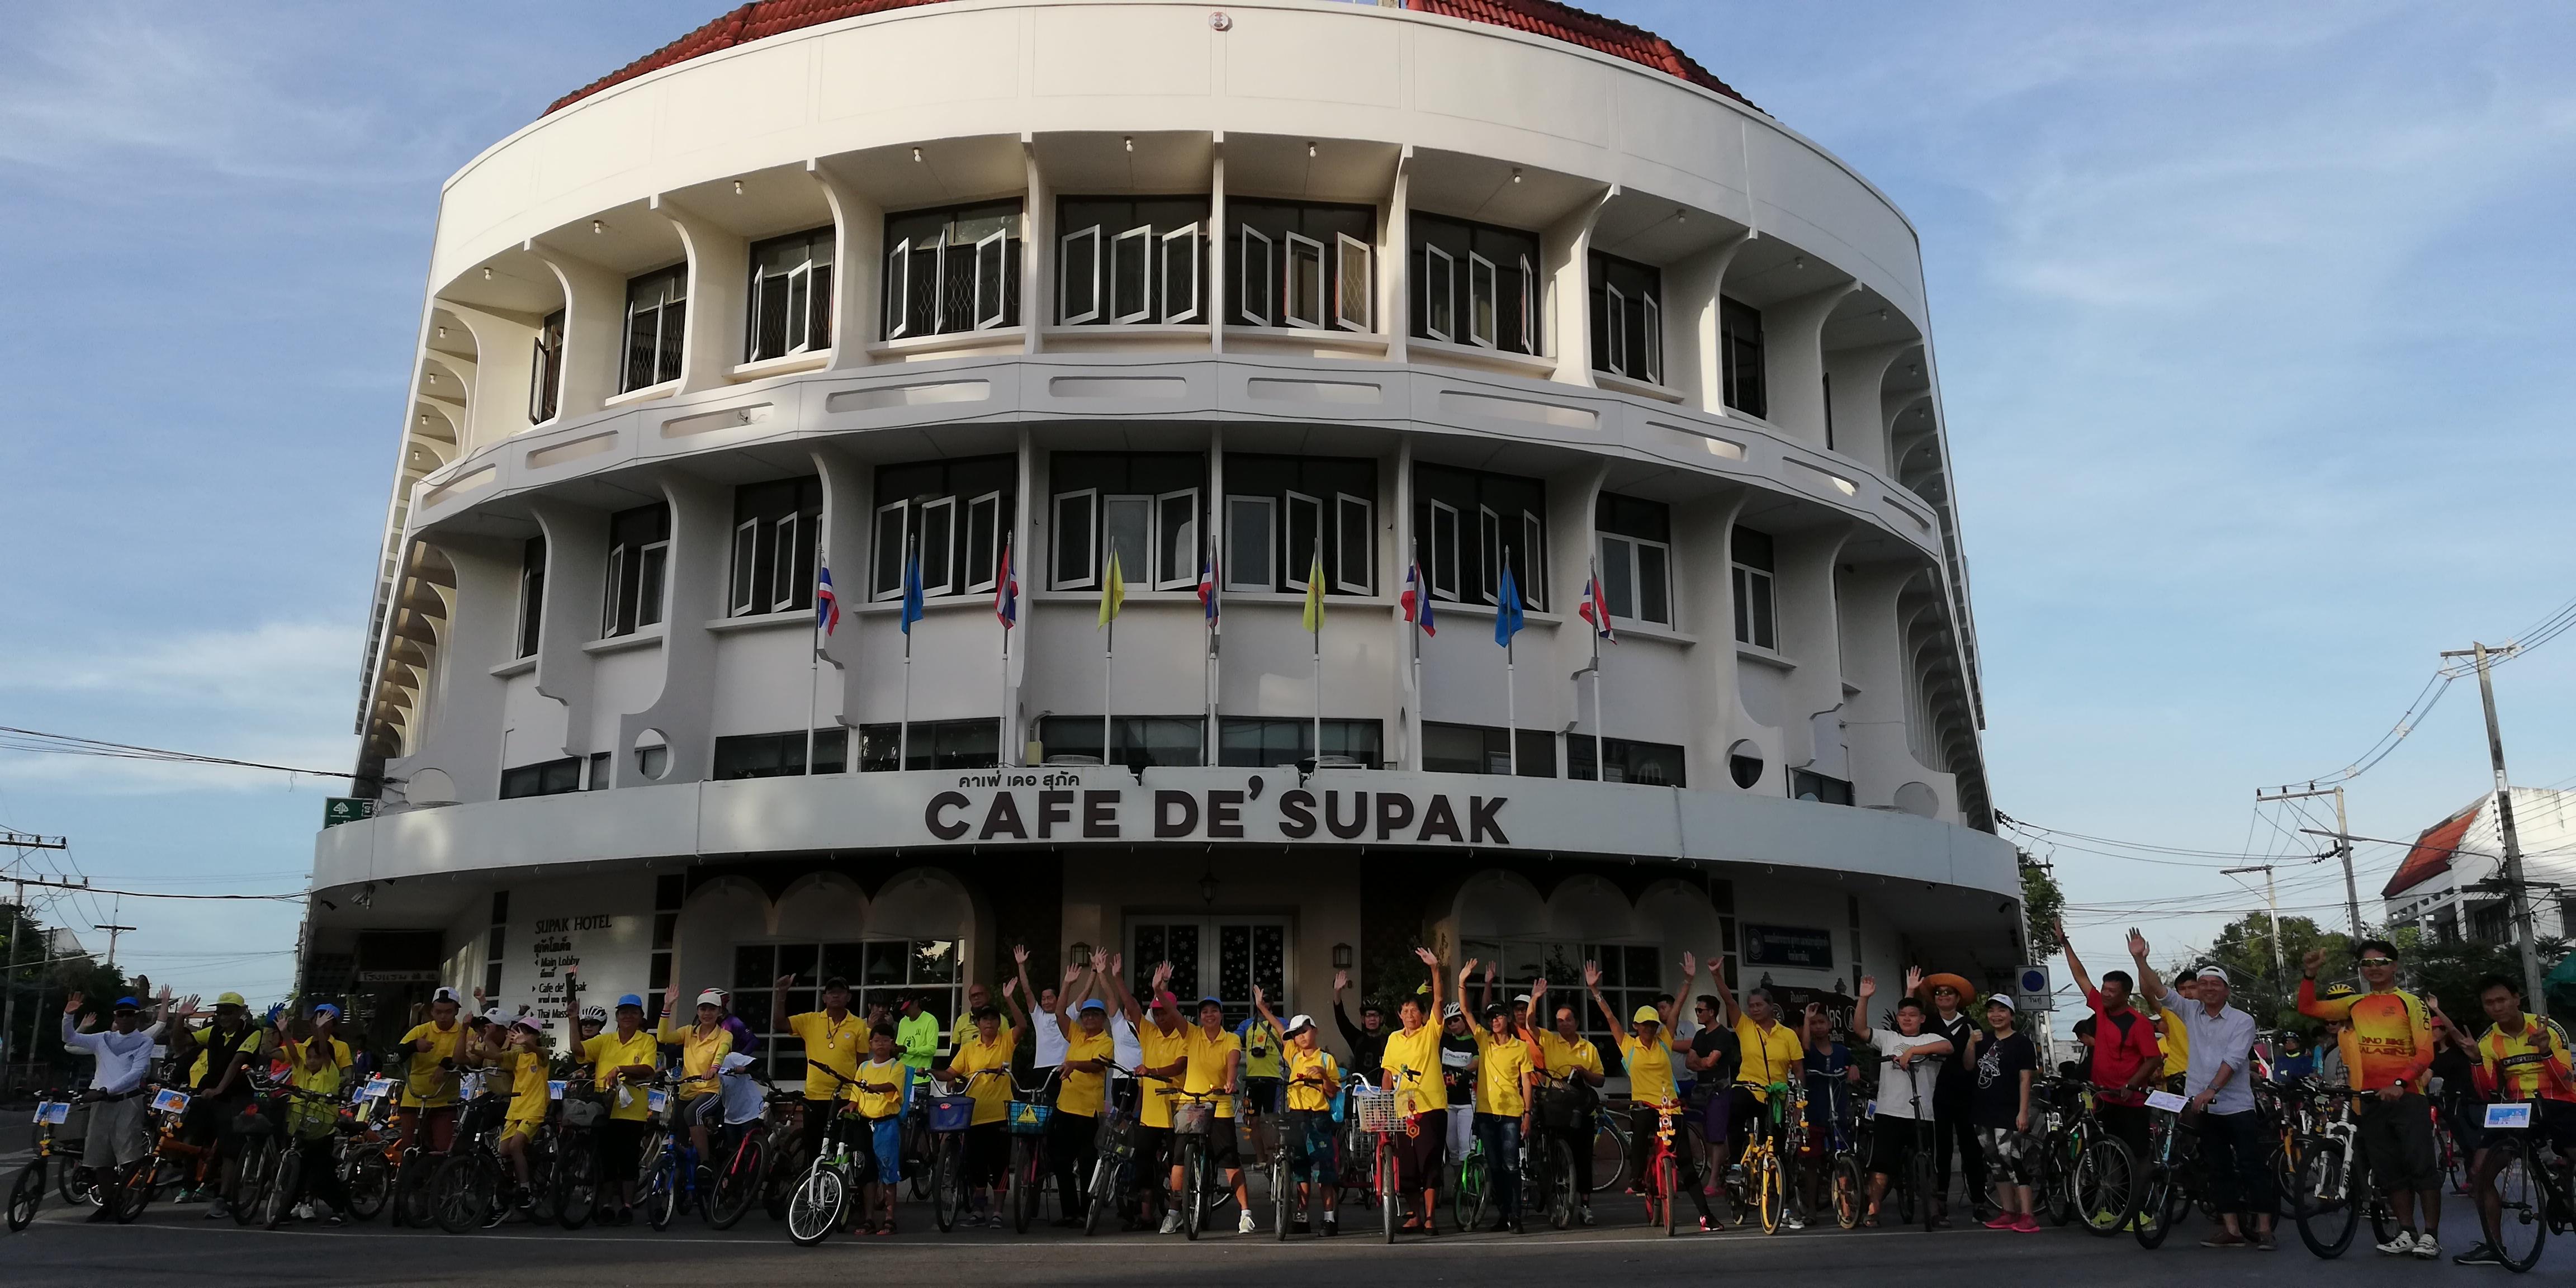 City Tour ปั่นเลาะ เบิ่งเมือง กาฬสินธุ์ วันเสาร์ที่ 1 กันยายน 2561